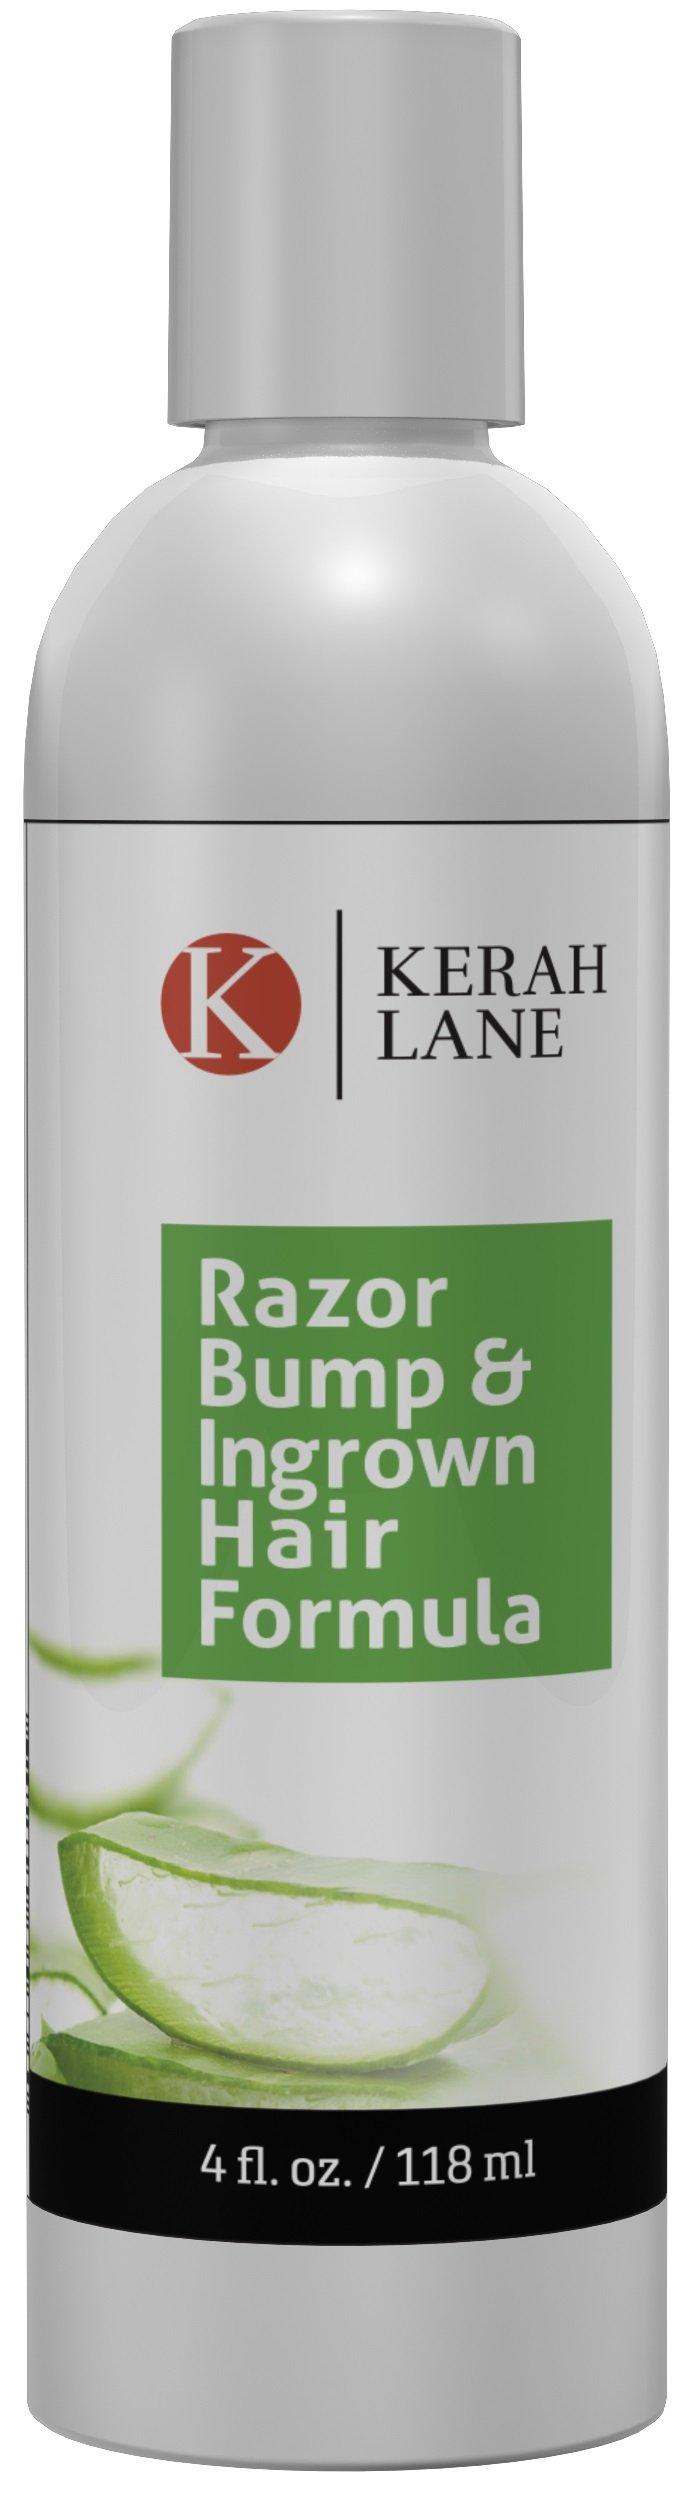 Kerah Lane Razor Bump & Ingrown Hair Natural Formula 4 Oz for Women & Men: Best Serum for Ingrown Hairs, Acne, Razor Bumps, Razor Burn: Use After Shaving, Waxing, Electrolysis & Hair Removal Treatment